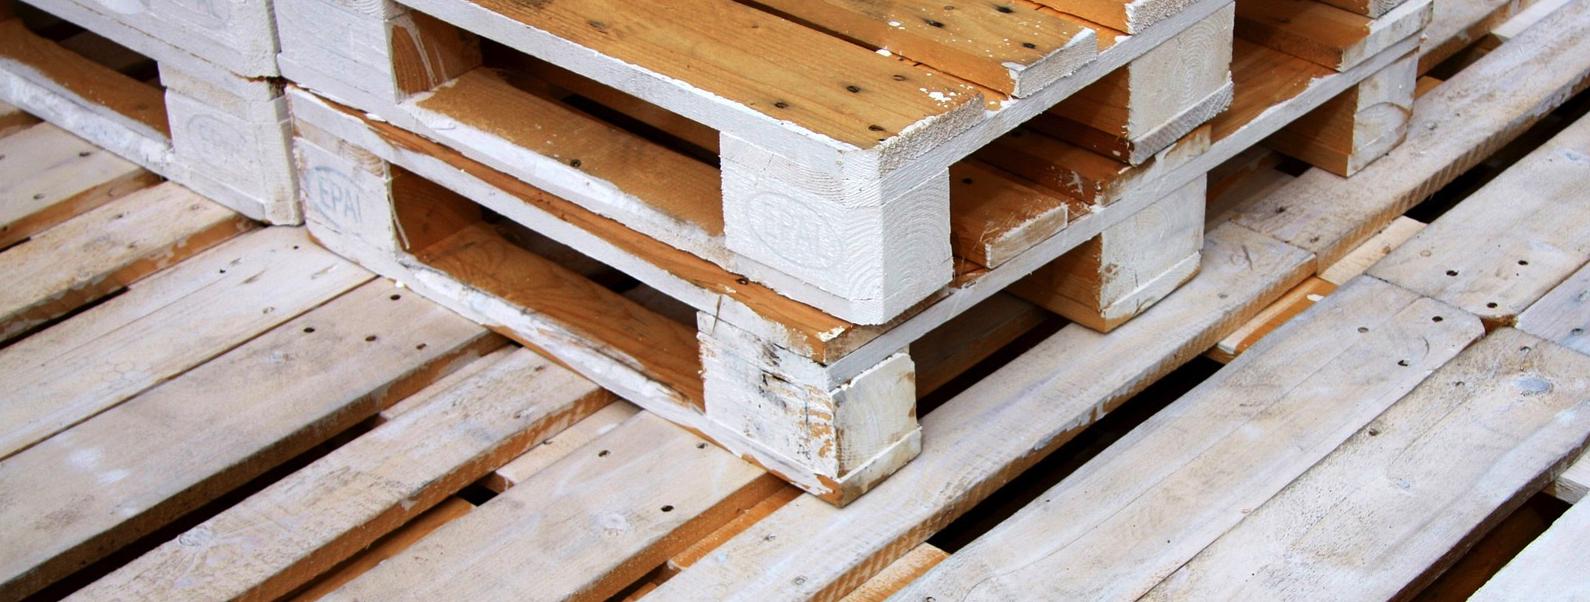 El precio del palet de madera se multiplica por la tendencia mundial alcista de esta materia prima